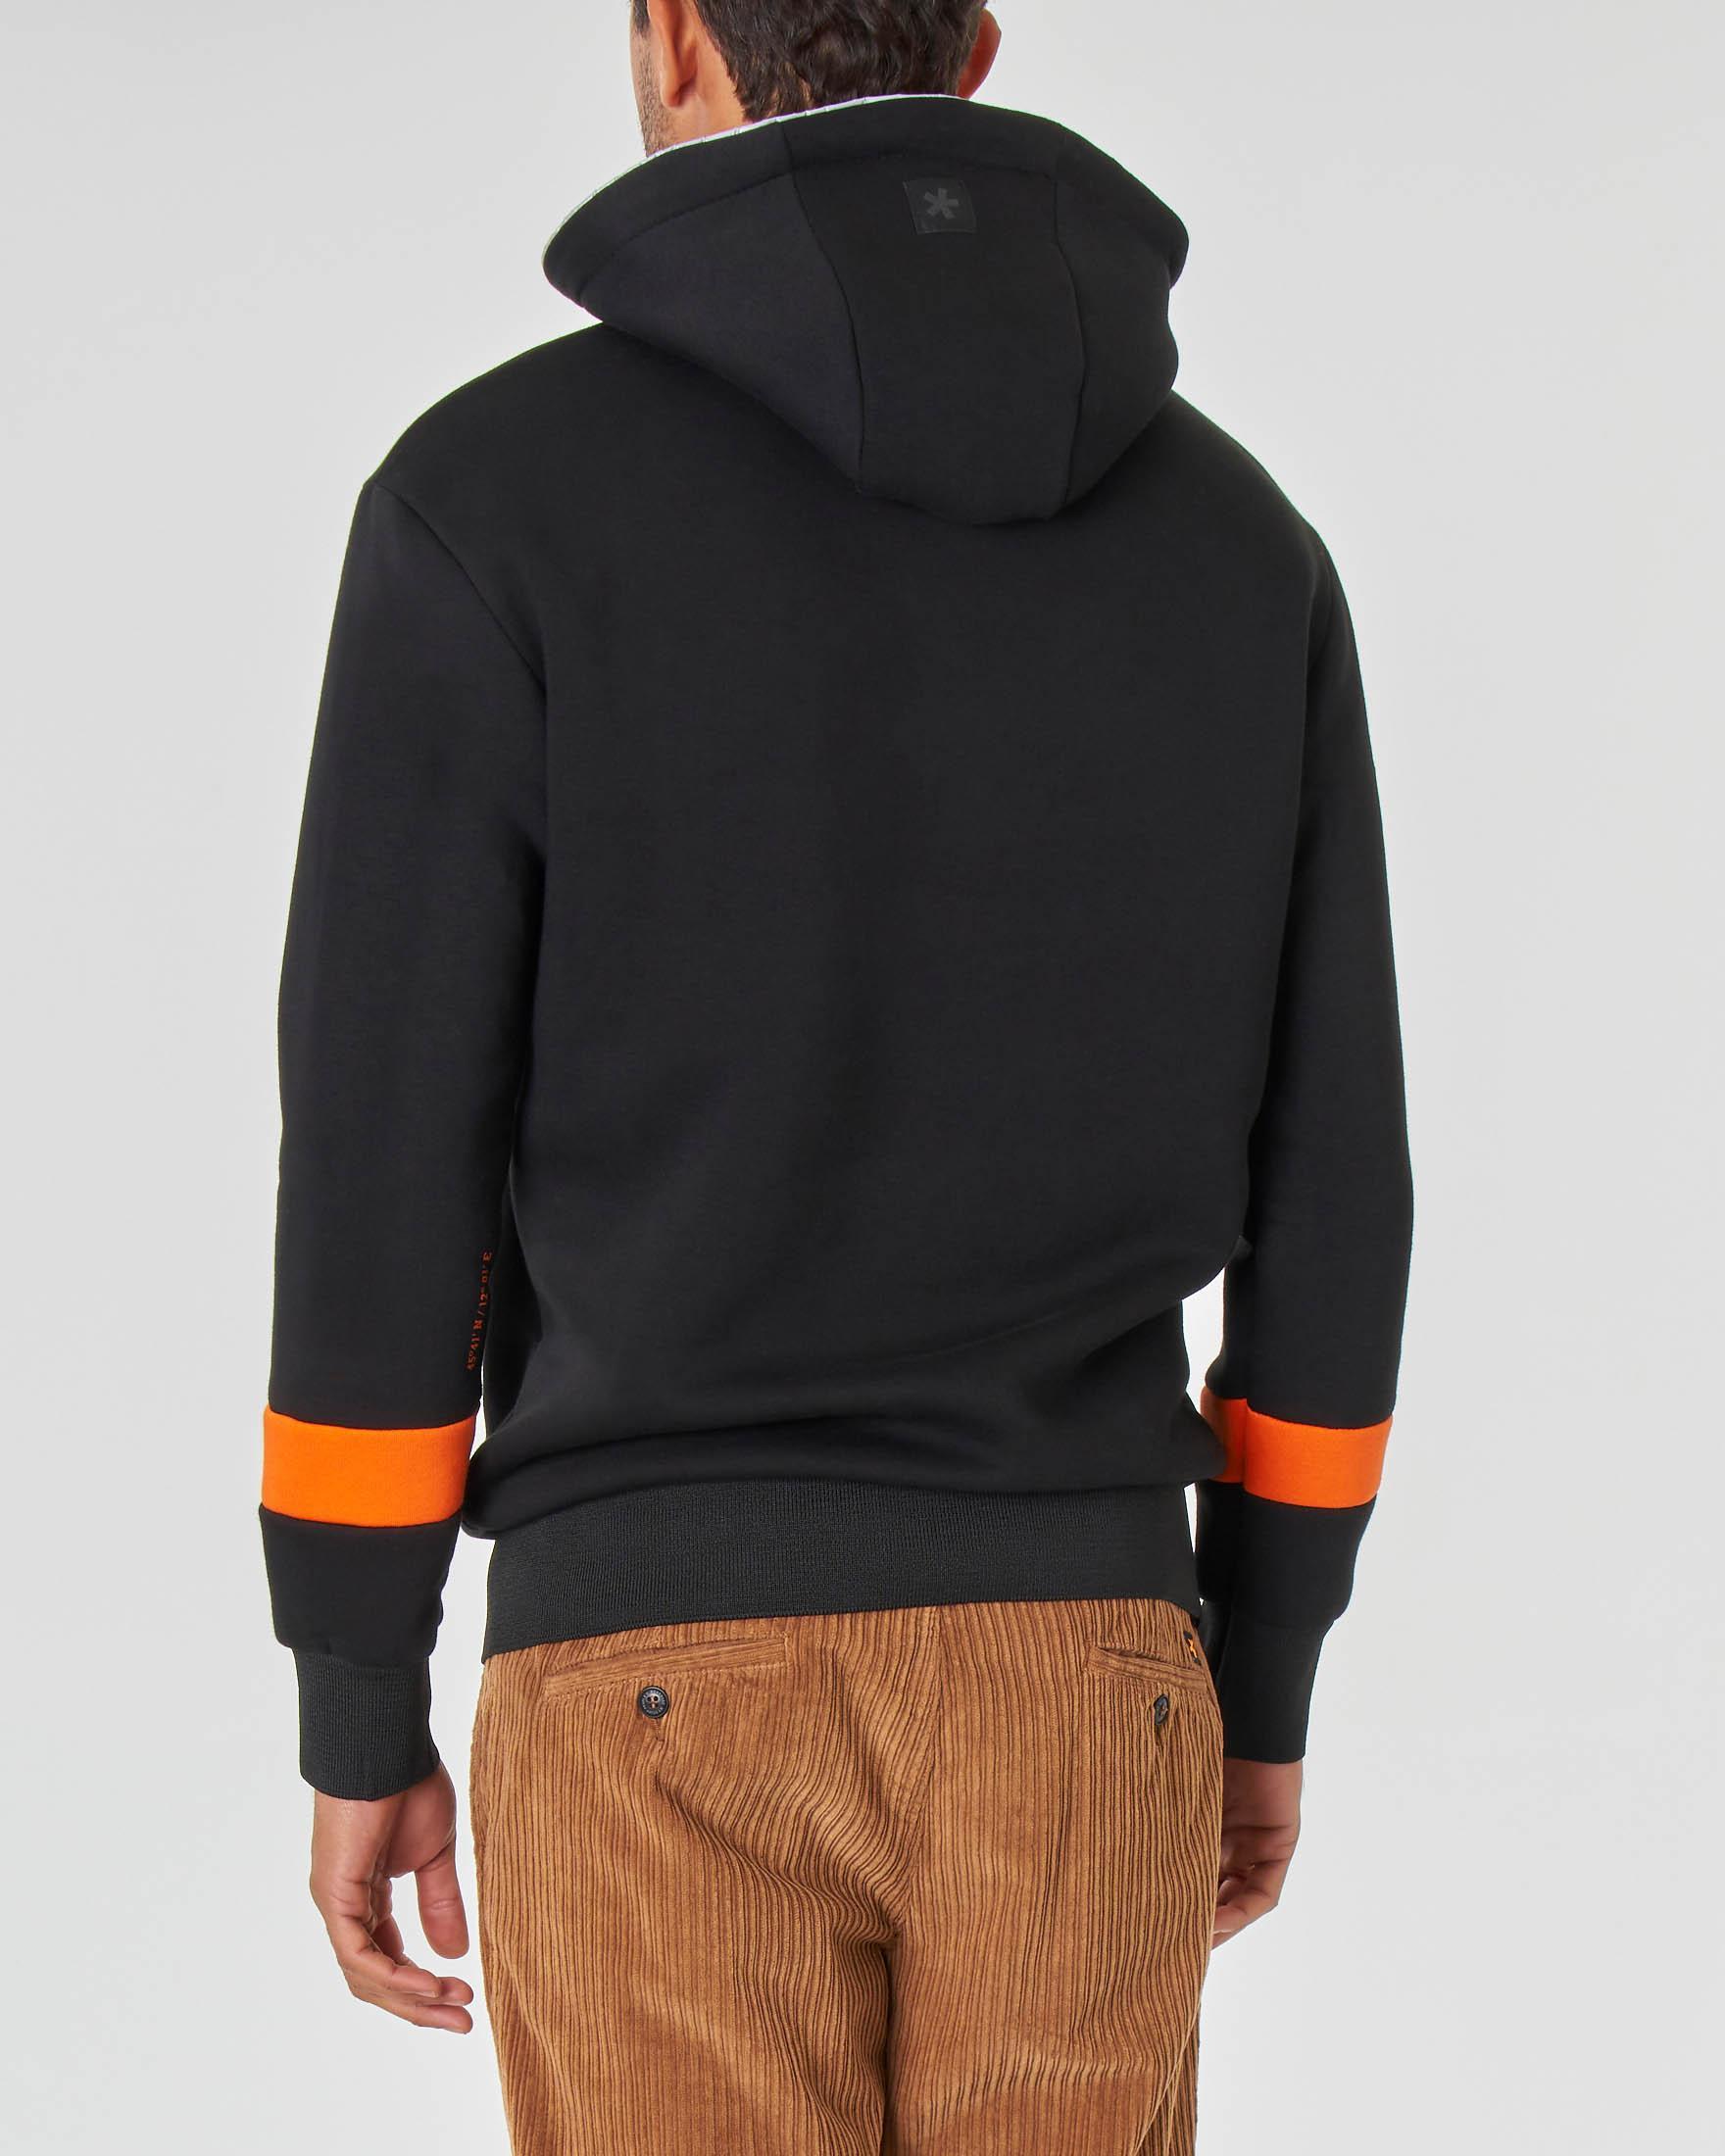 Felpa nera con cappuccio tasche a marsupio e logo arancione in spugna